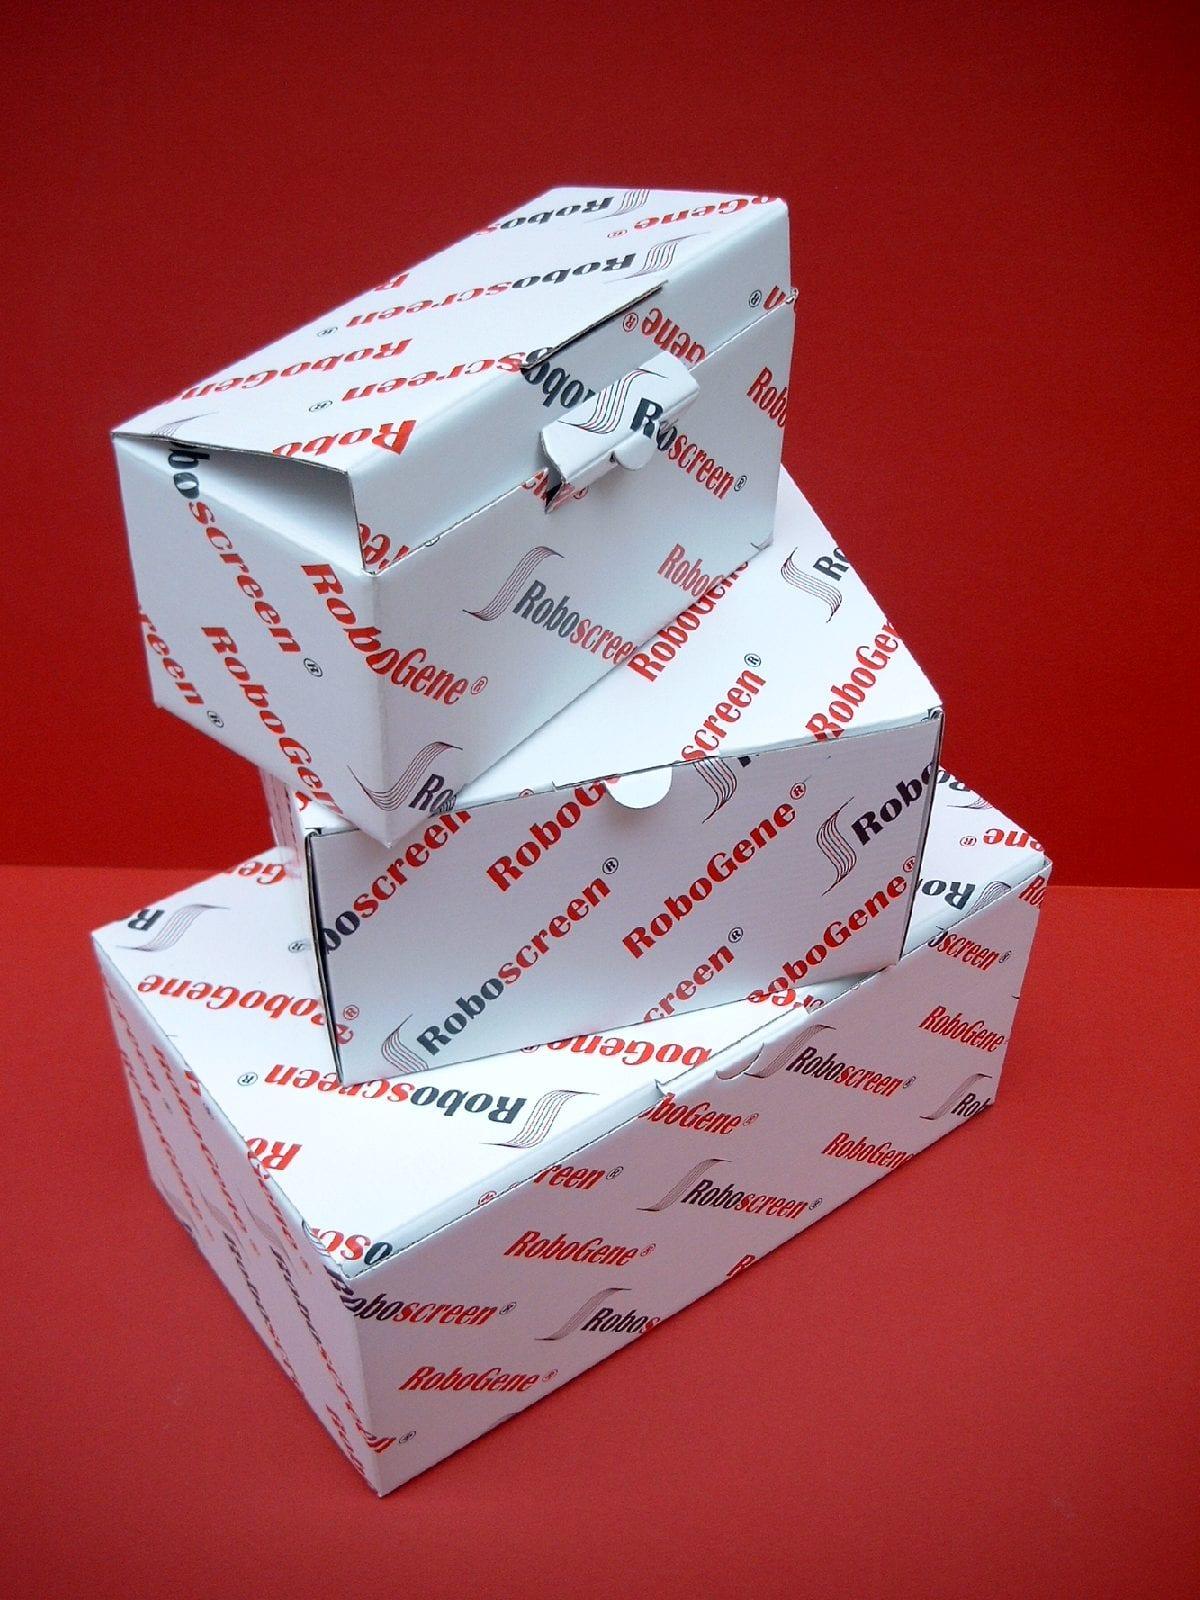 Bedruckte Verpackungen